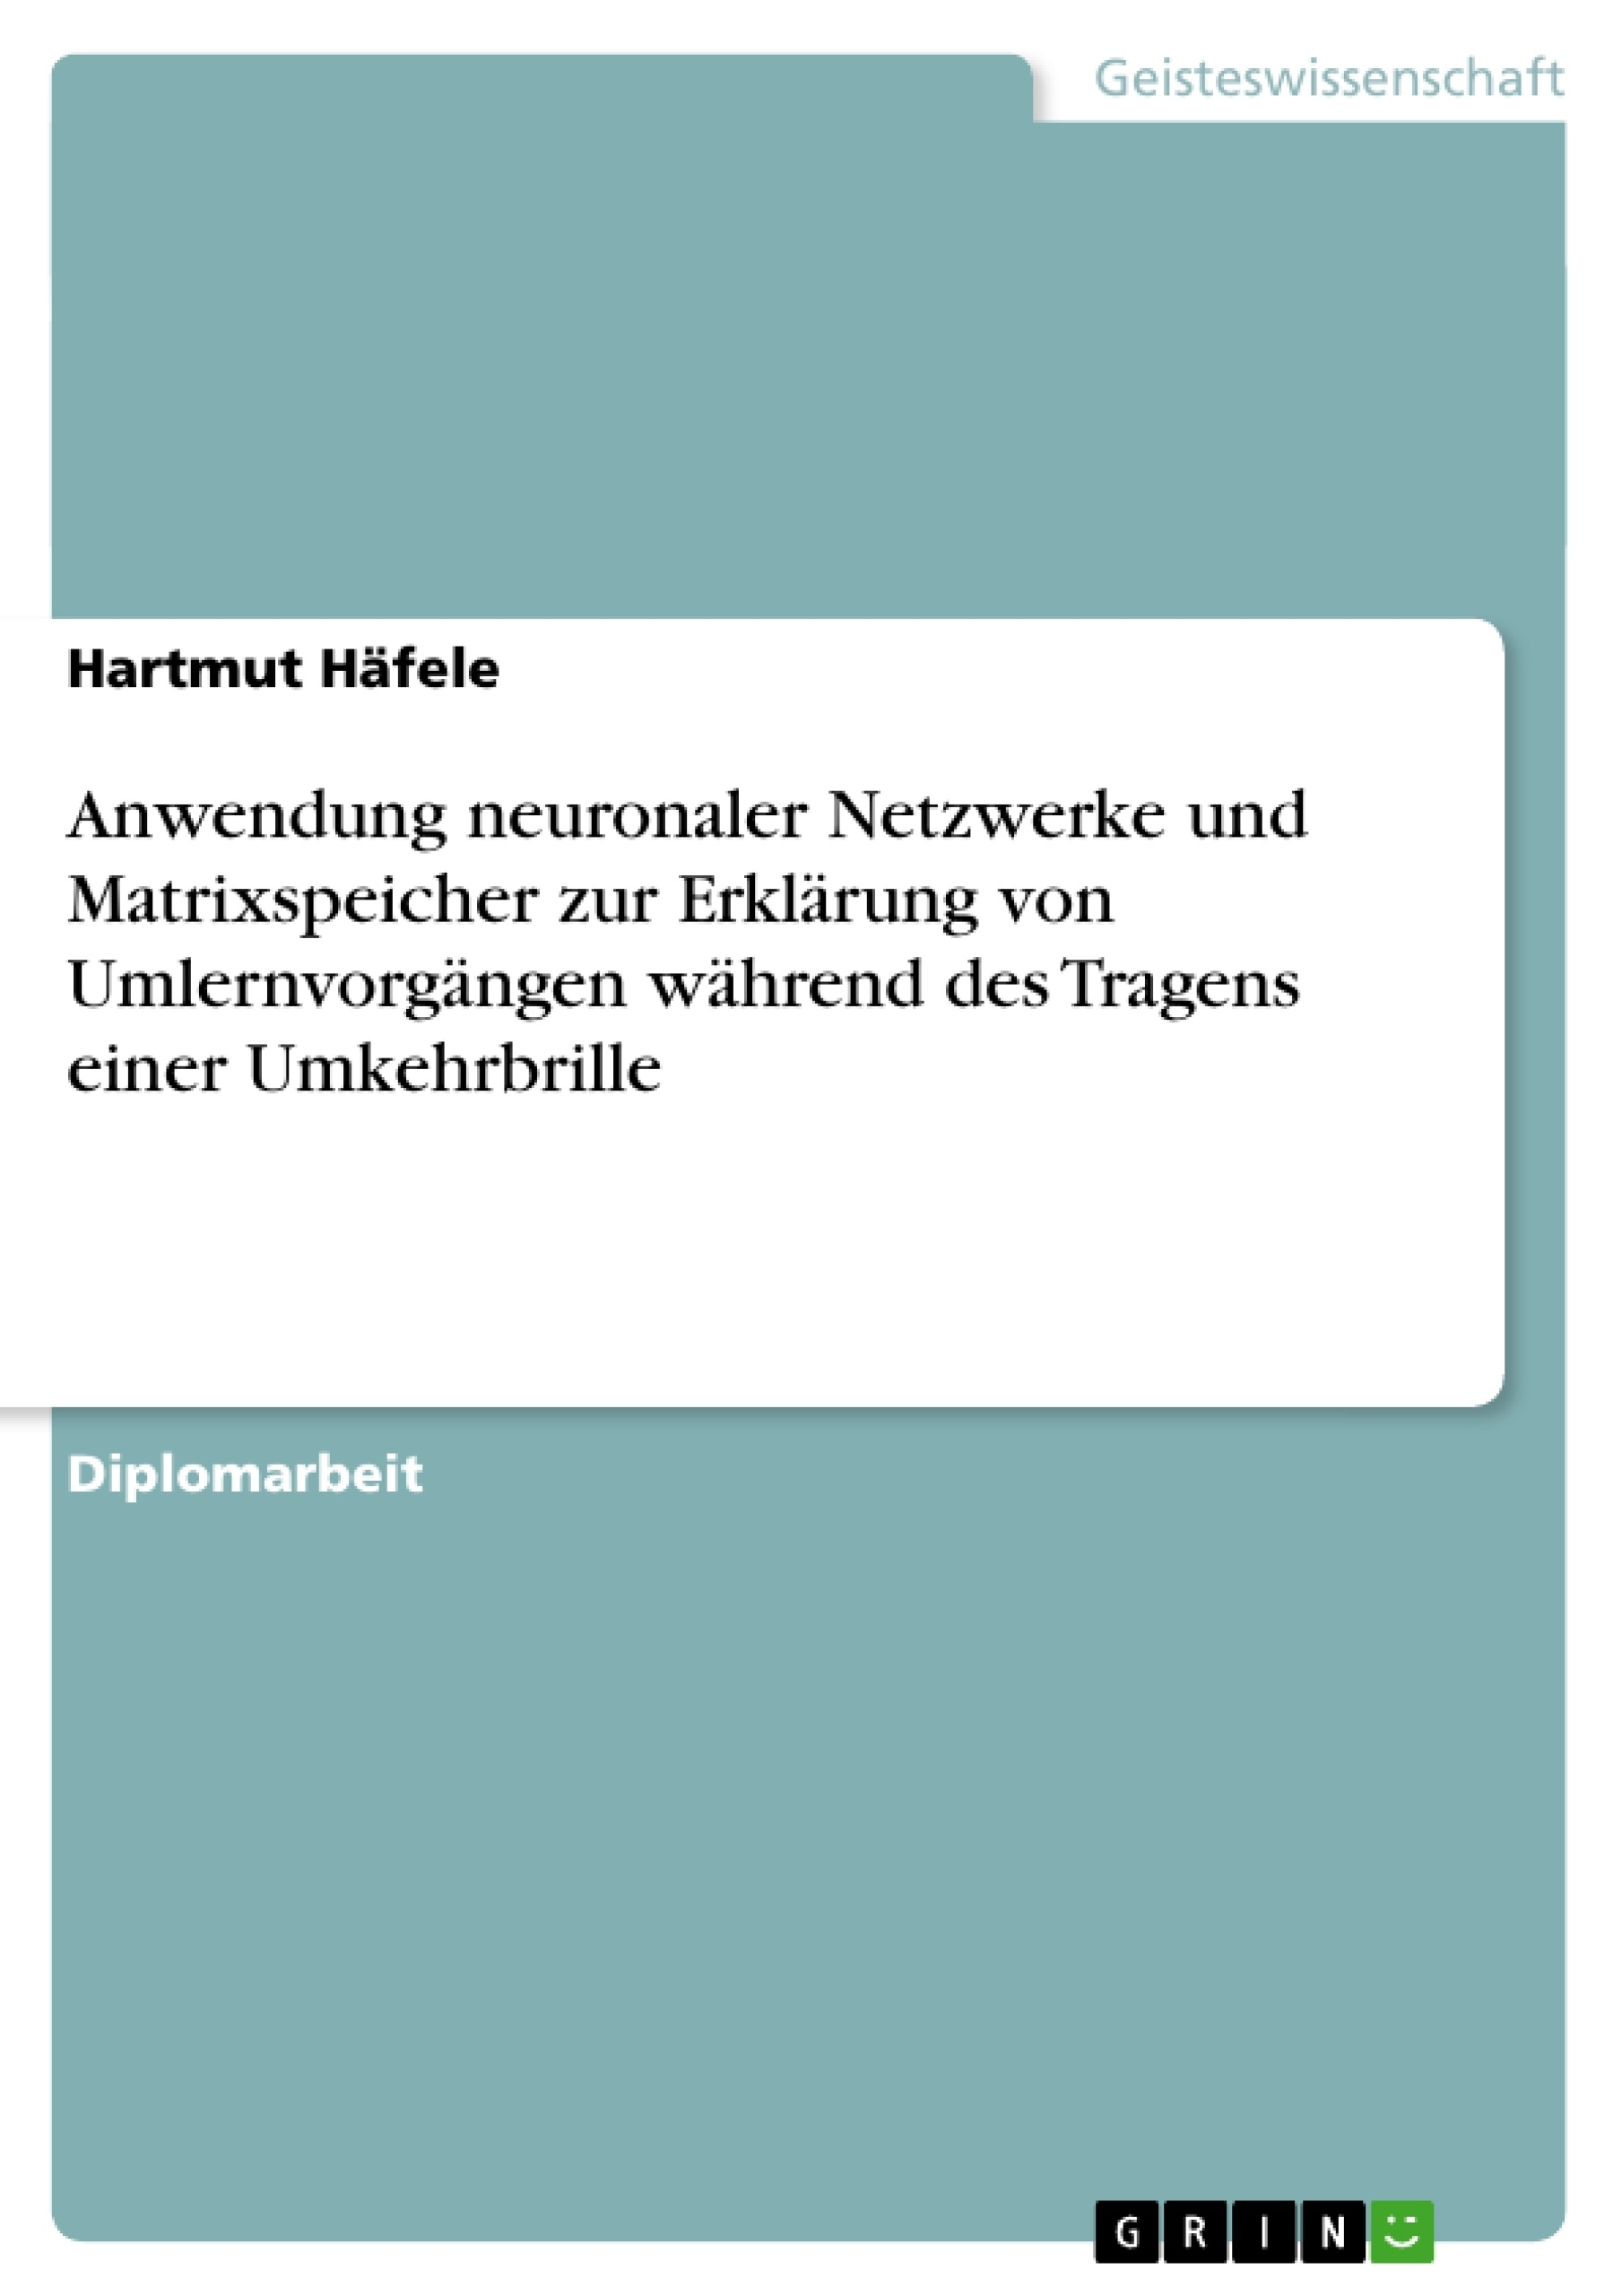 Titel: Anwendung neuronaler Netzwerke und Matrixspeicher zur Erklärung von Umlernvorgängen während des Tragens einer Umkehrbrille